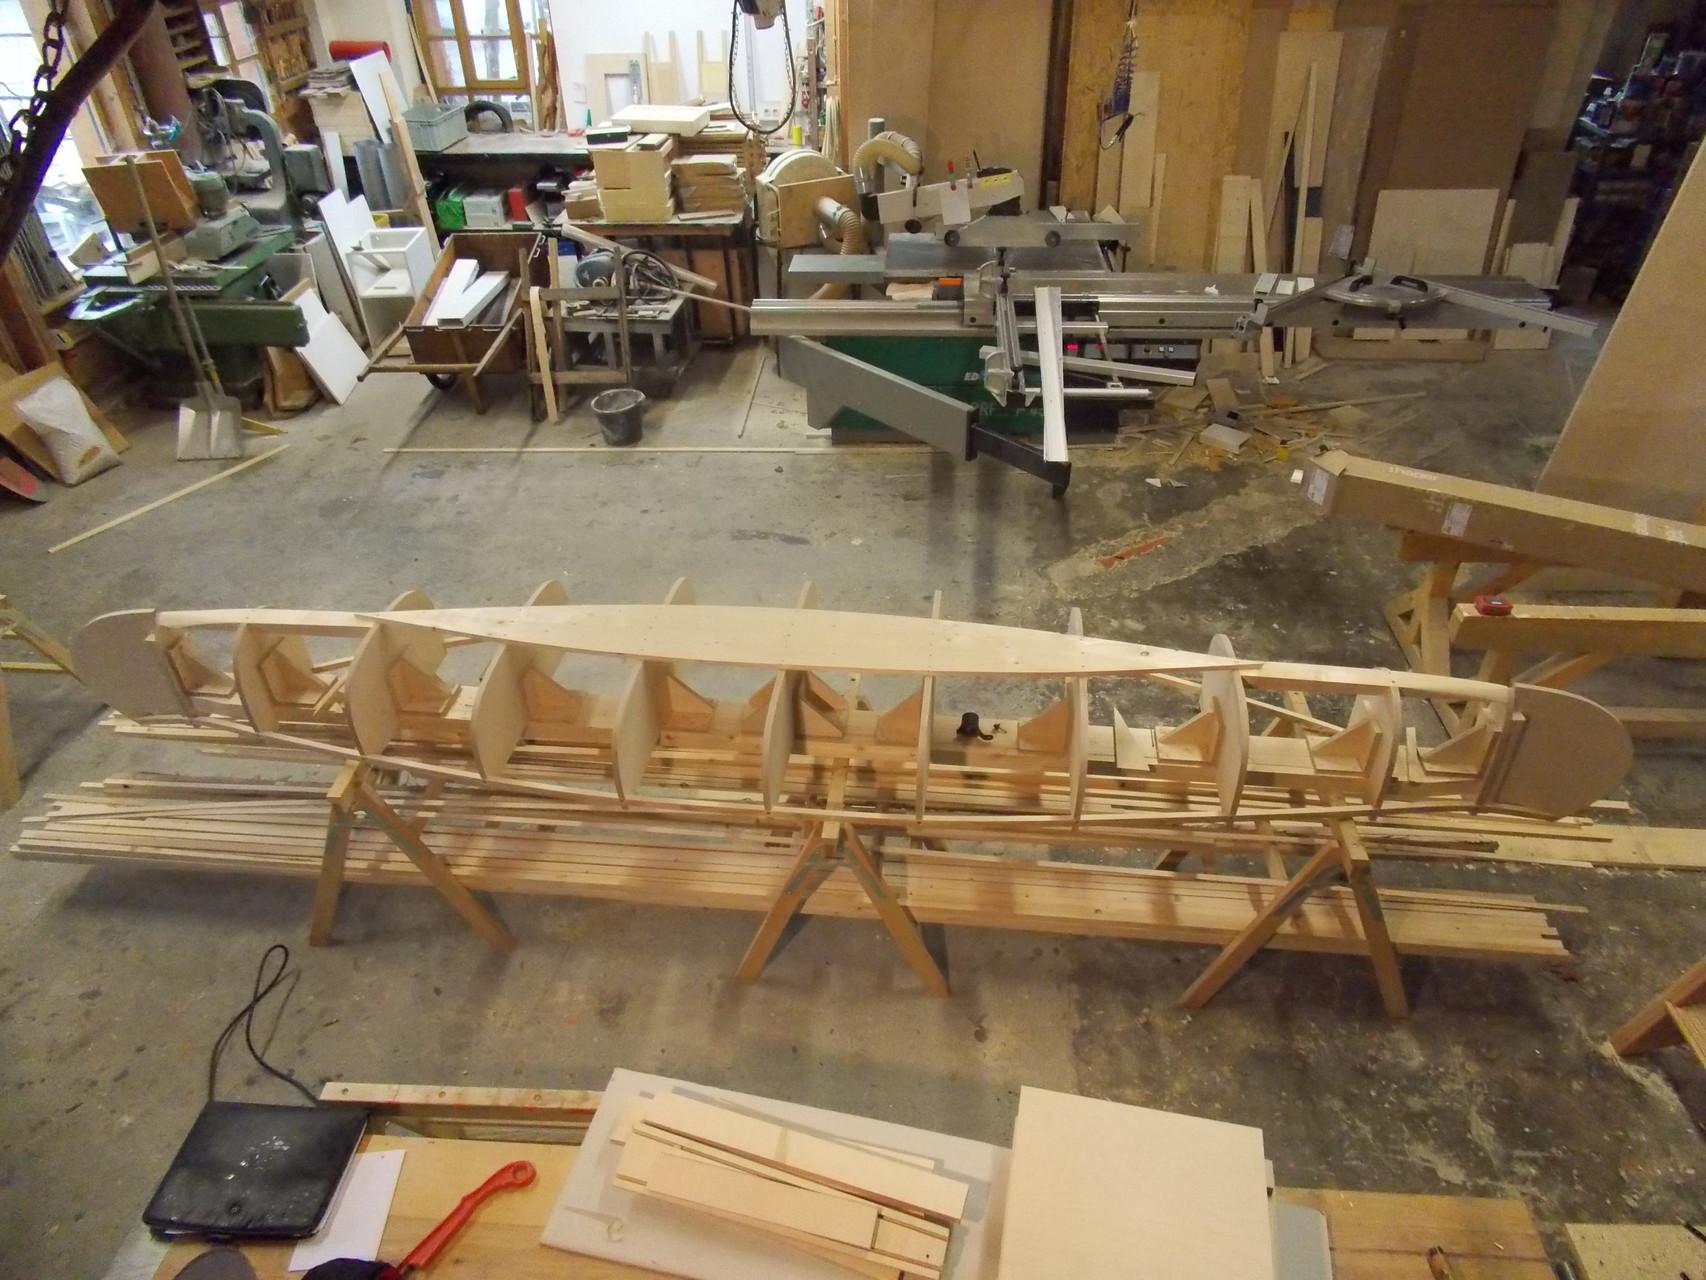 Den größten Wert einer Wood und Canvas Manufaktur stellen wohl die Negativformen dar. Hier zu sehen das Grundgerüst.